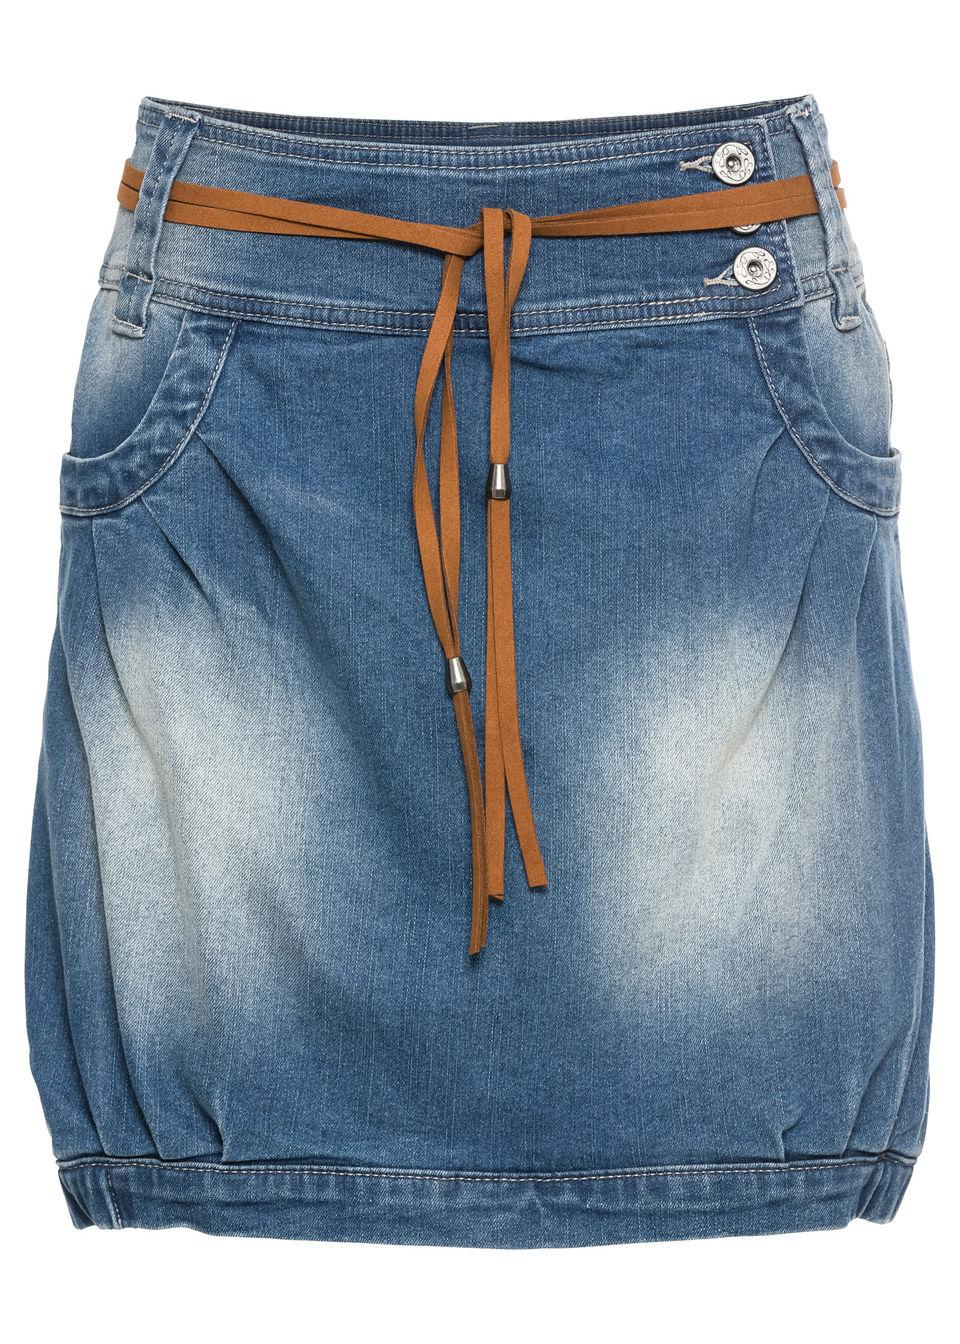 Купить Юбка джинсовая с ремнем, bonprix, синий «потертый»